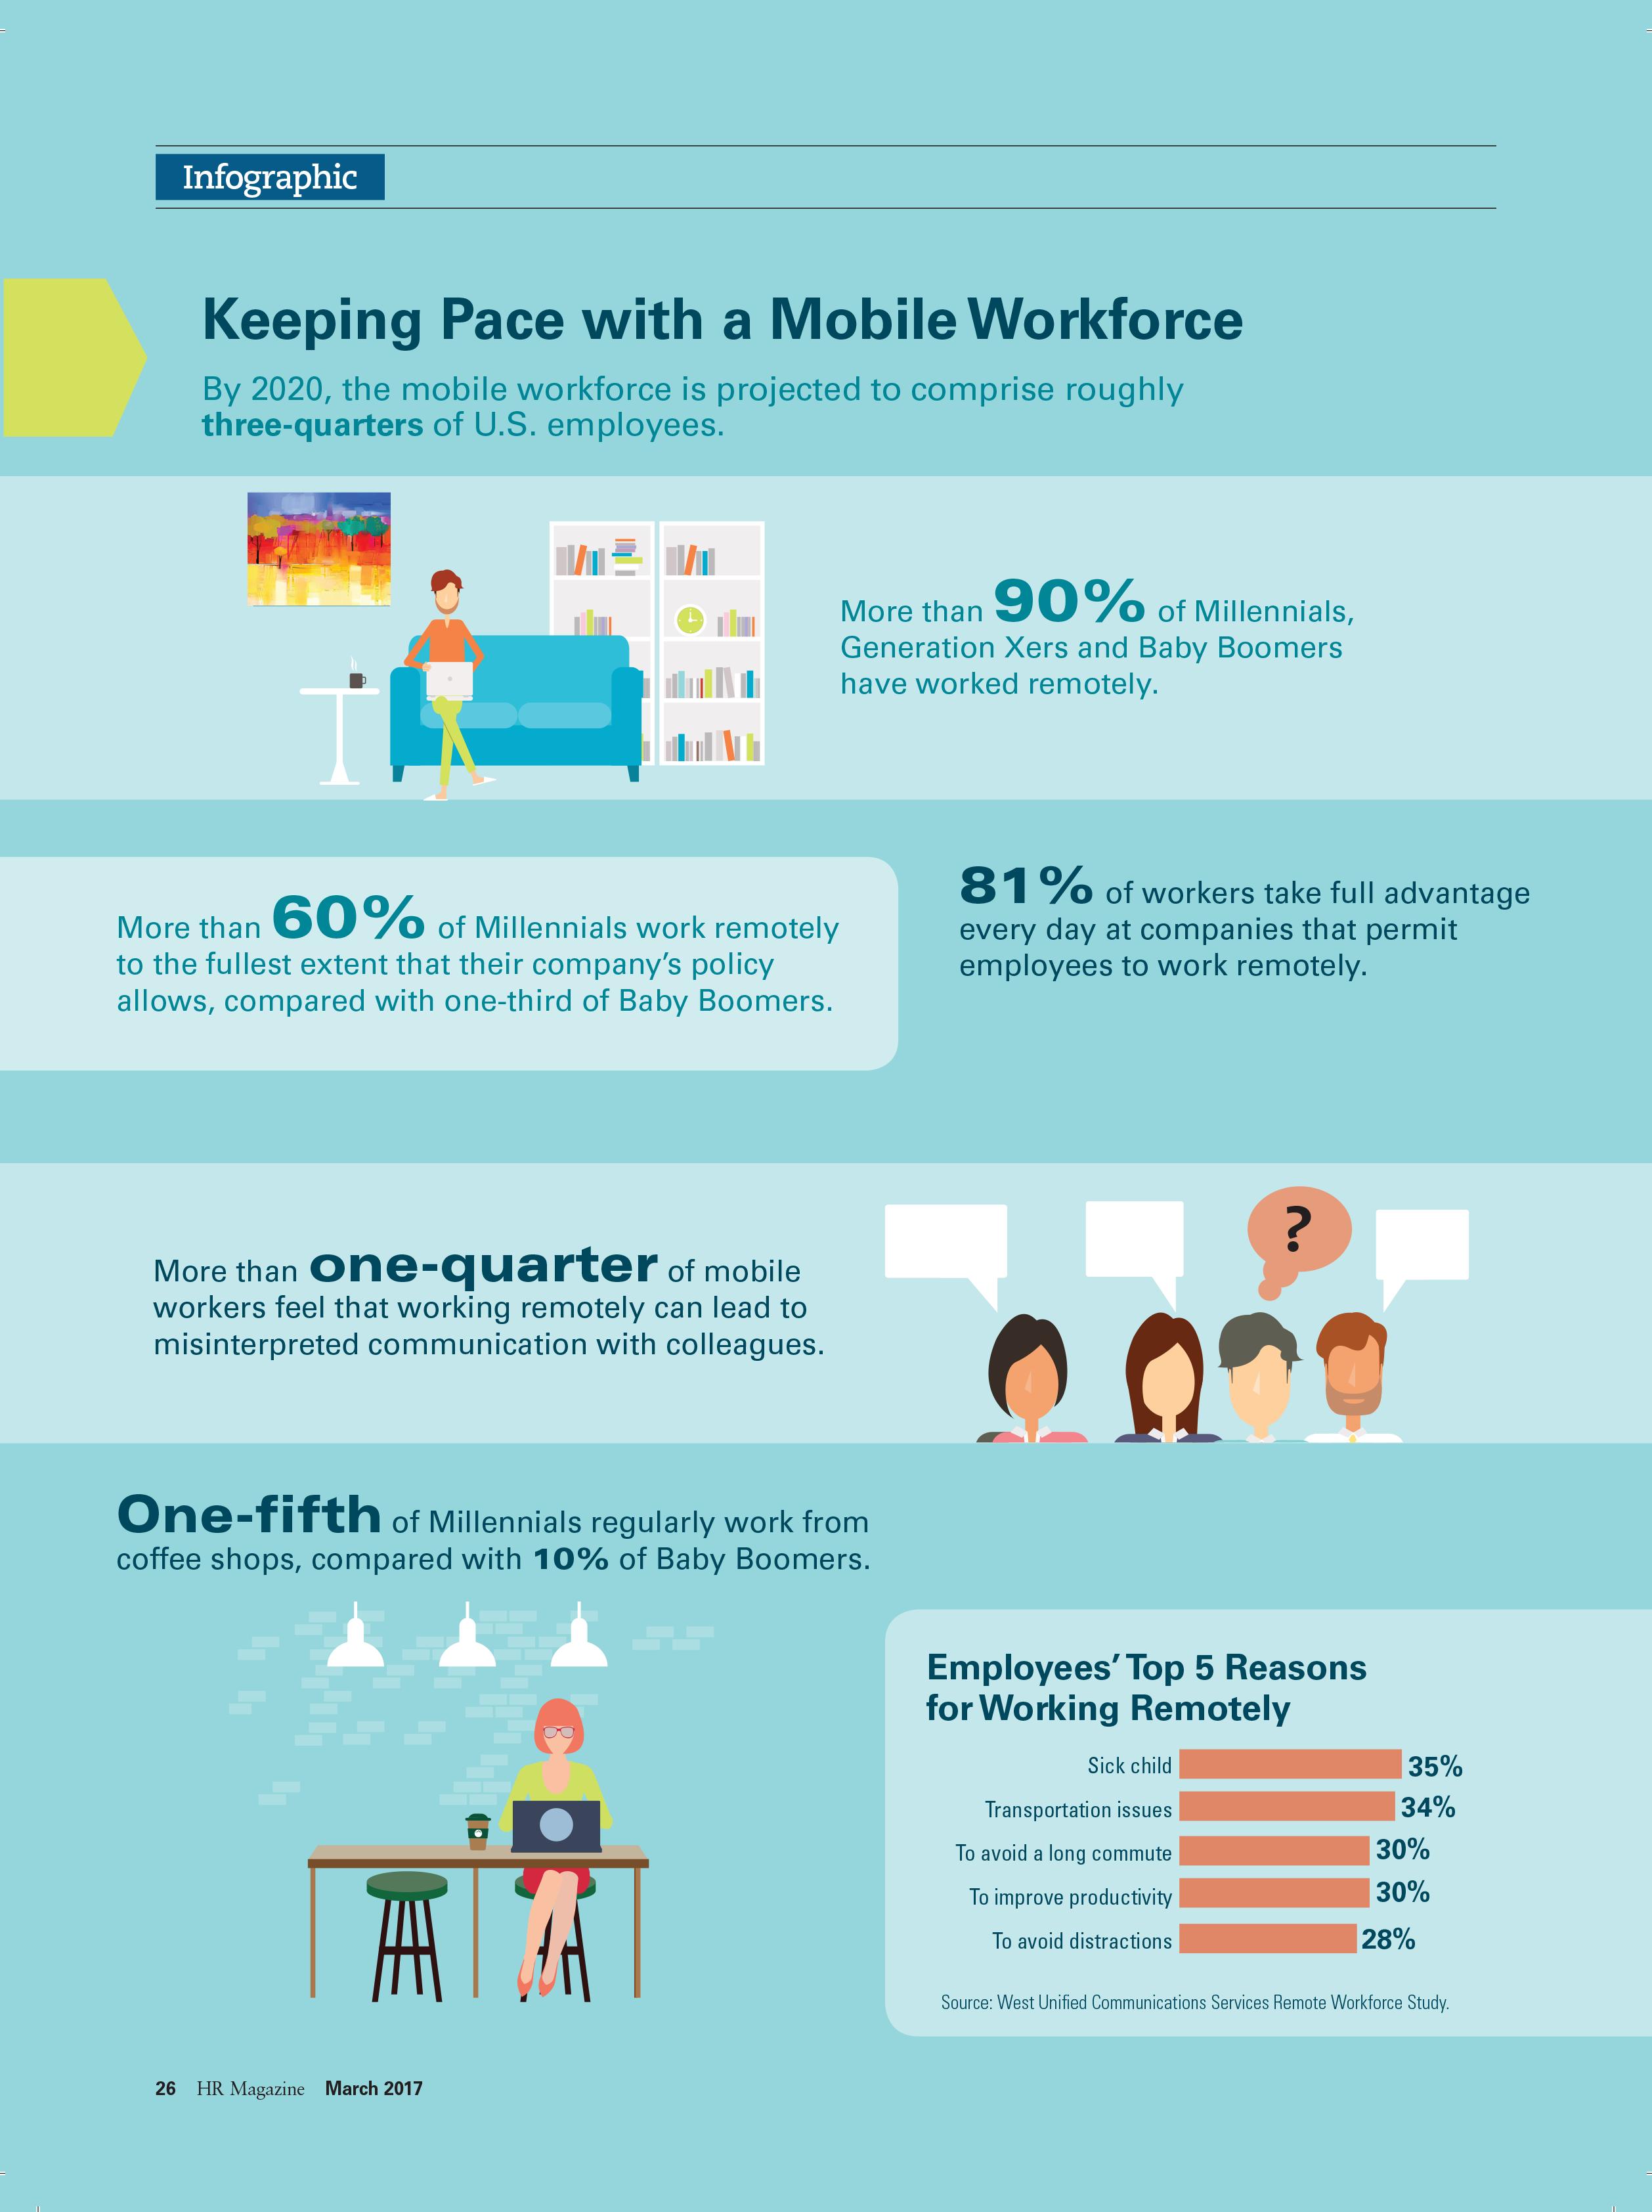 kpwamw-infographic-1